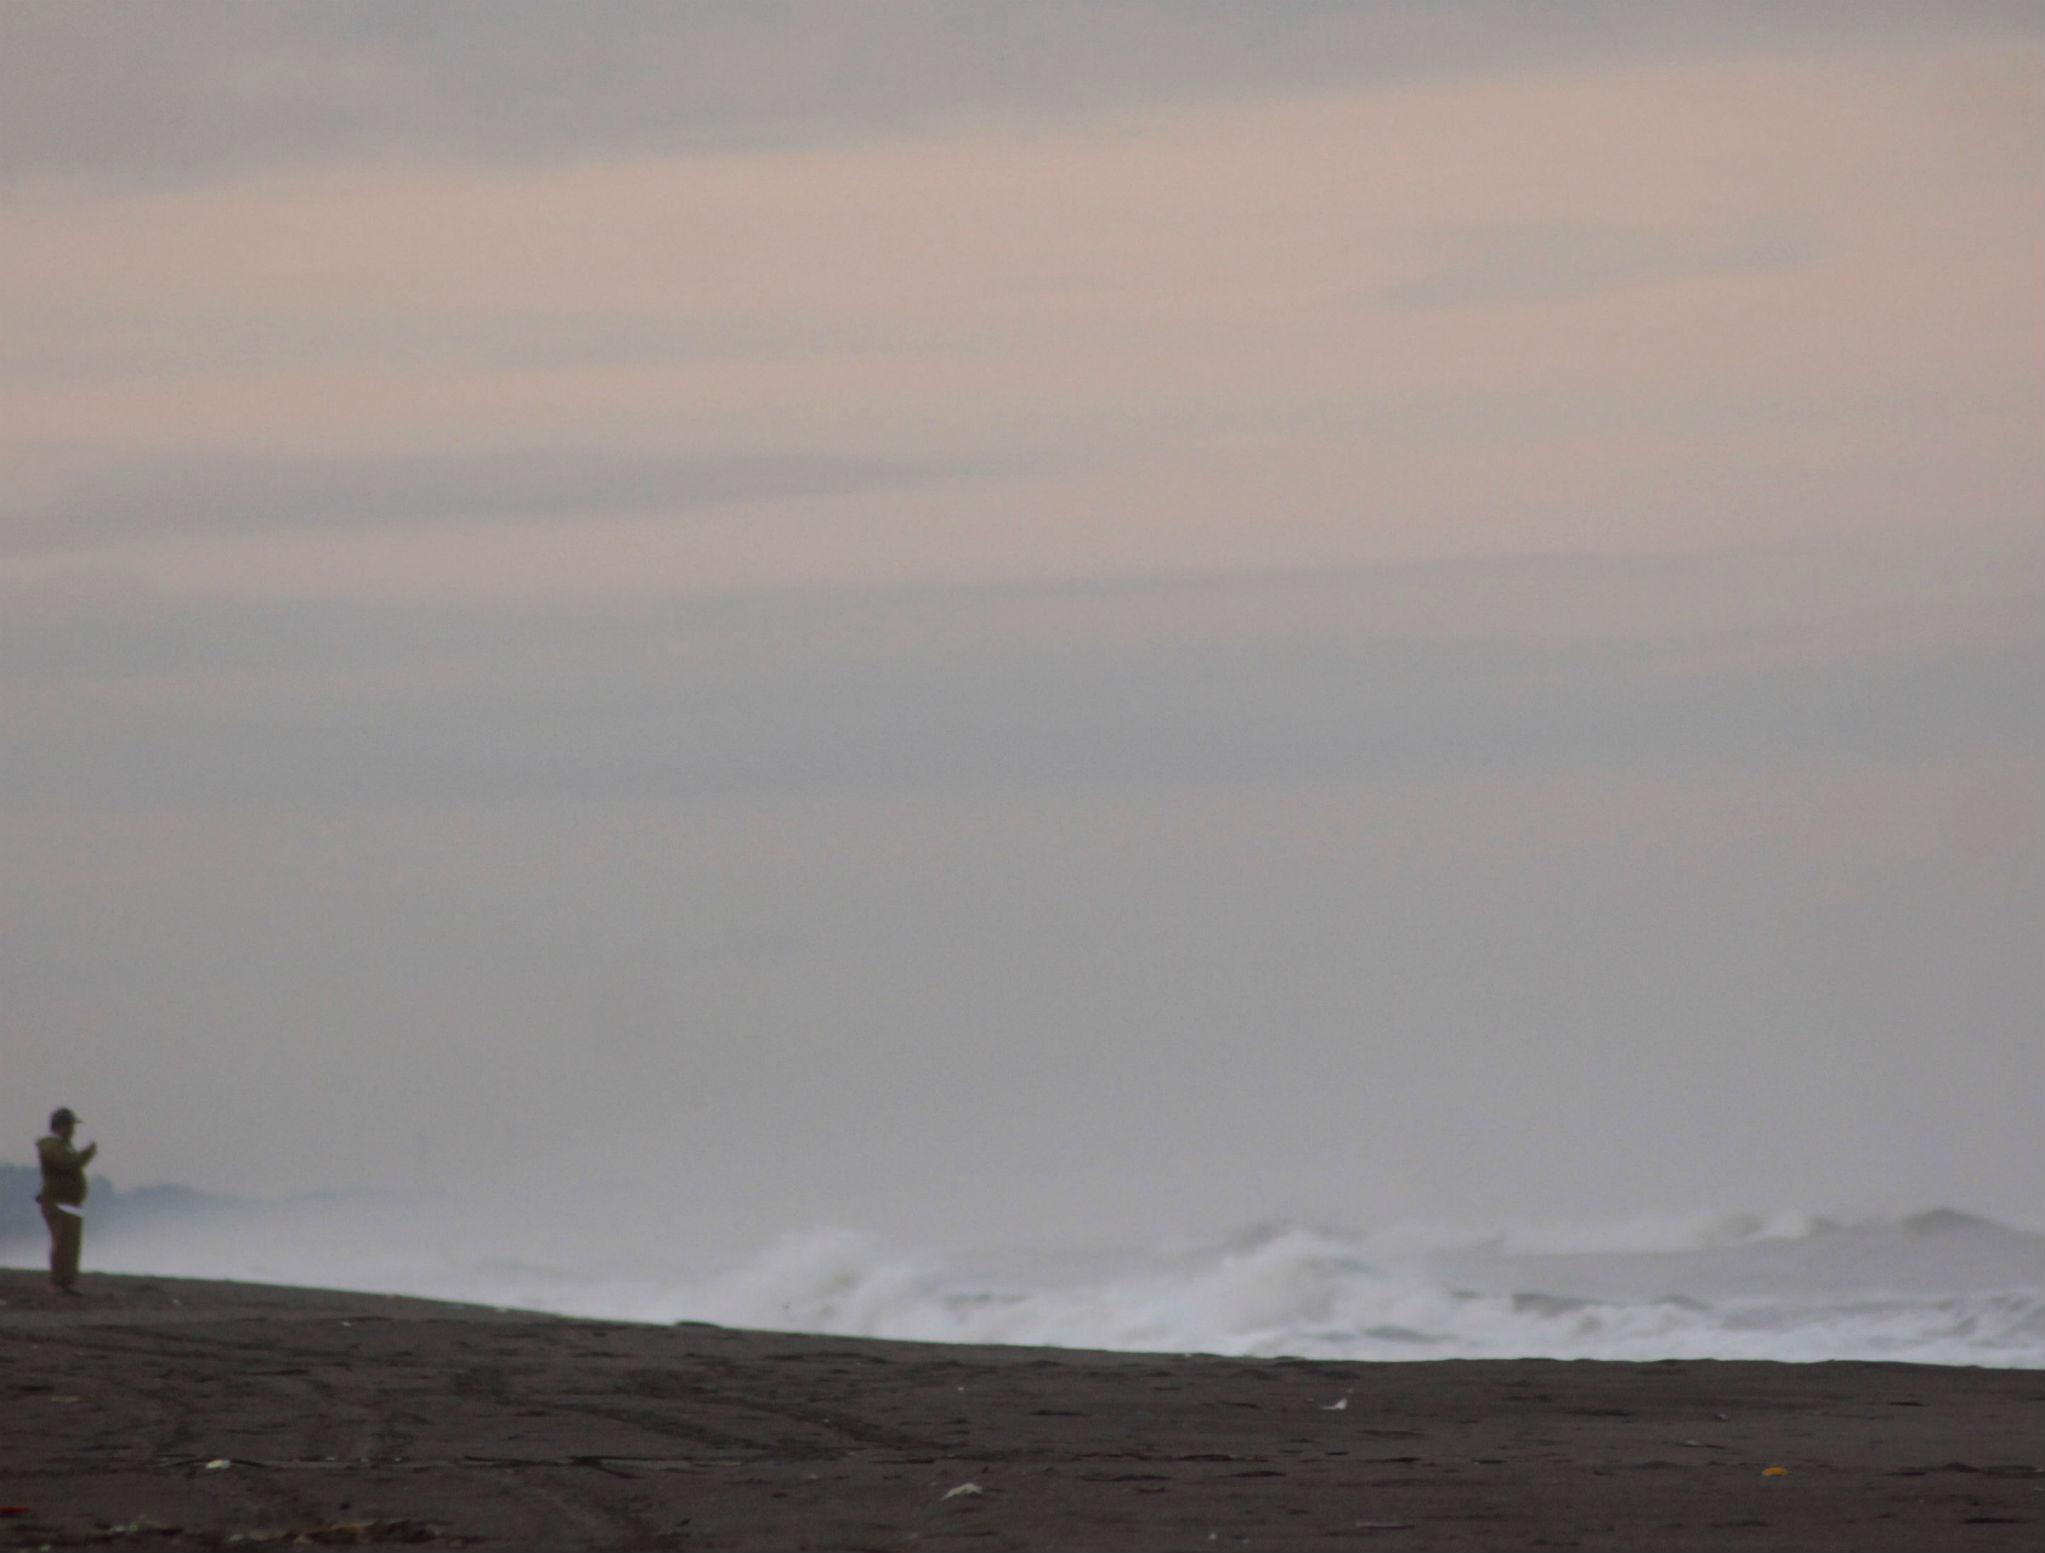 Amanecer en playa Tilapa